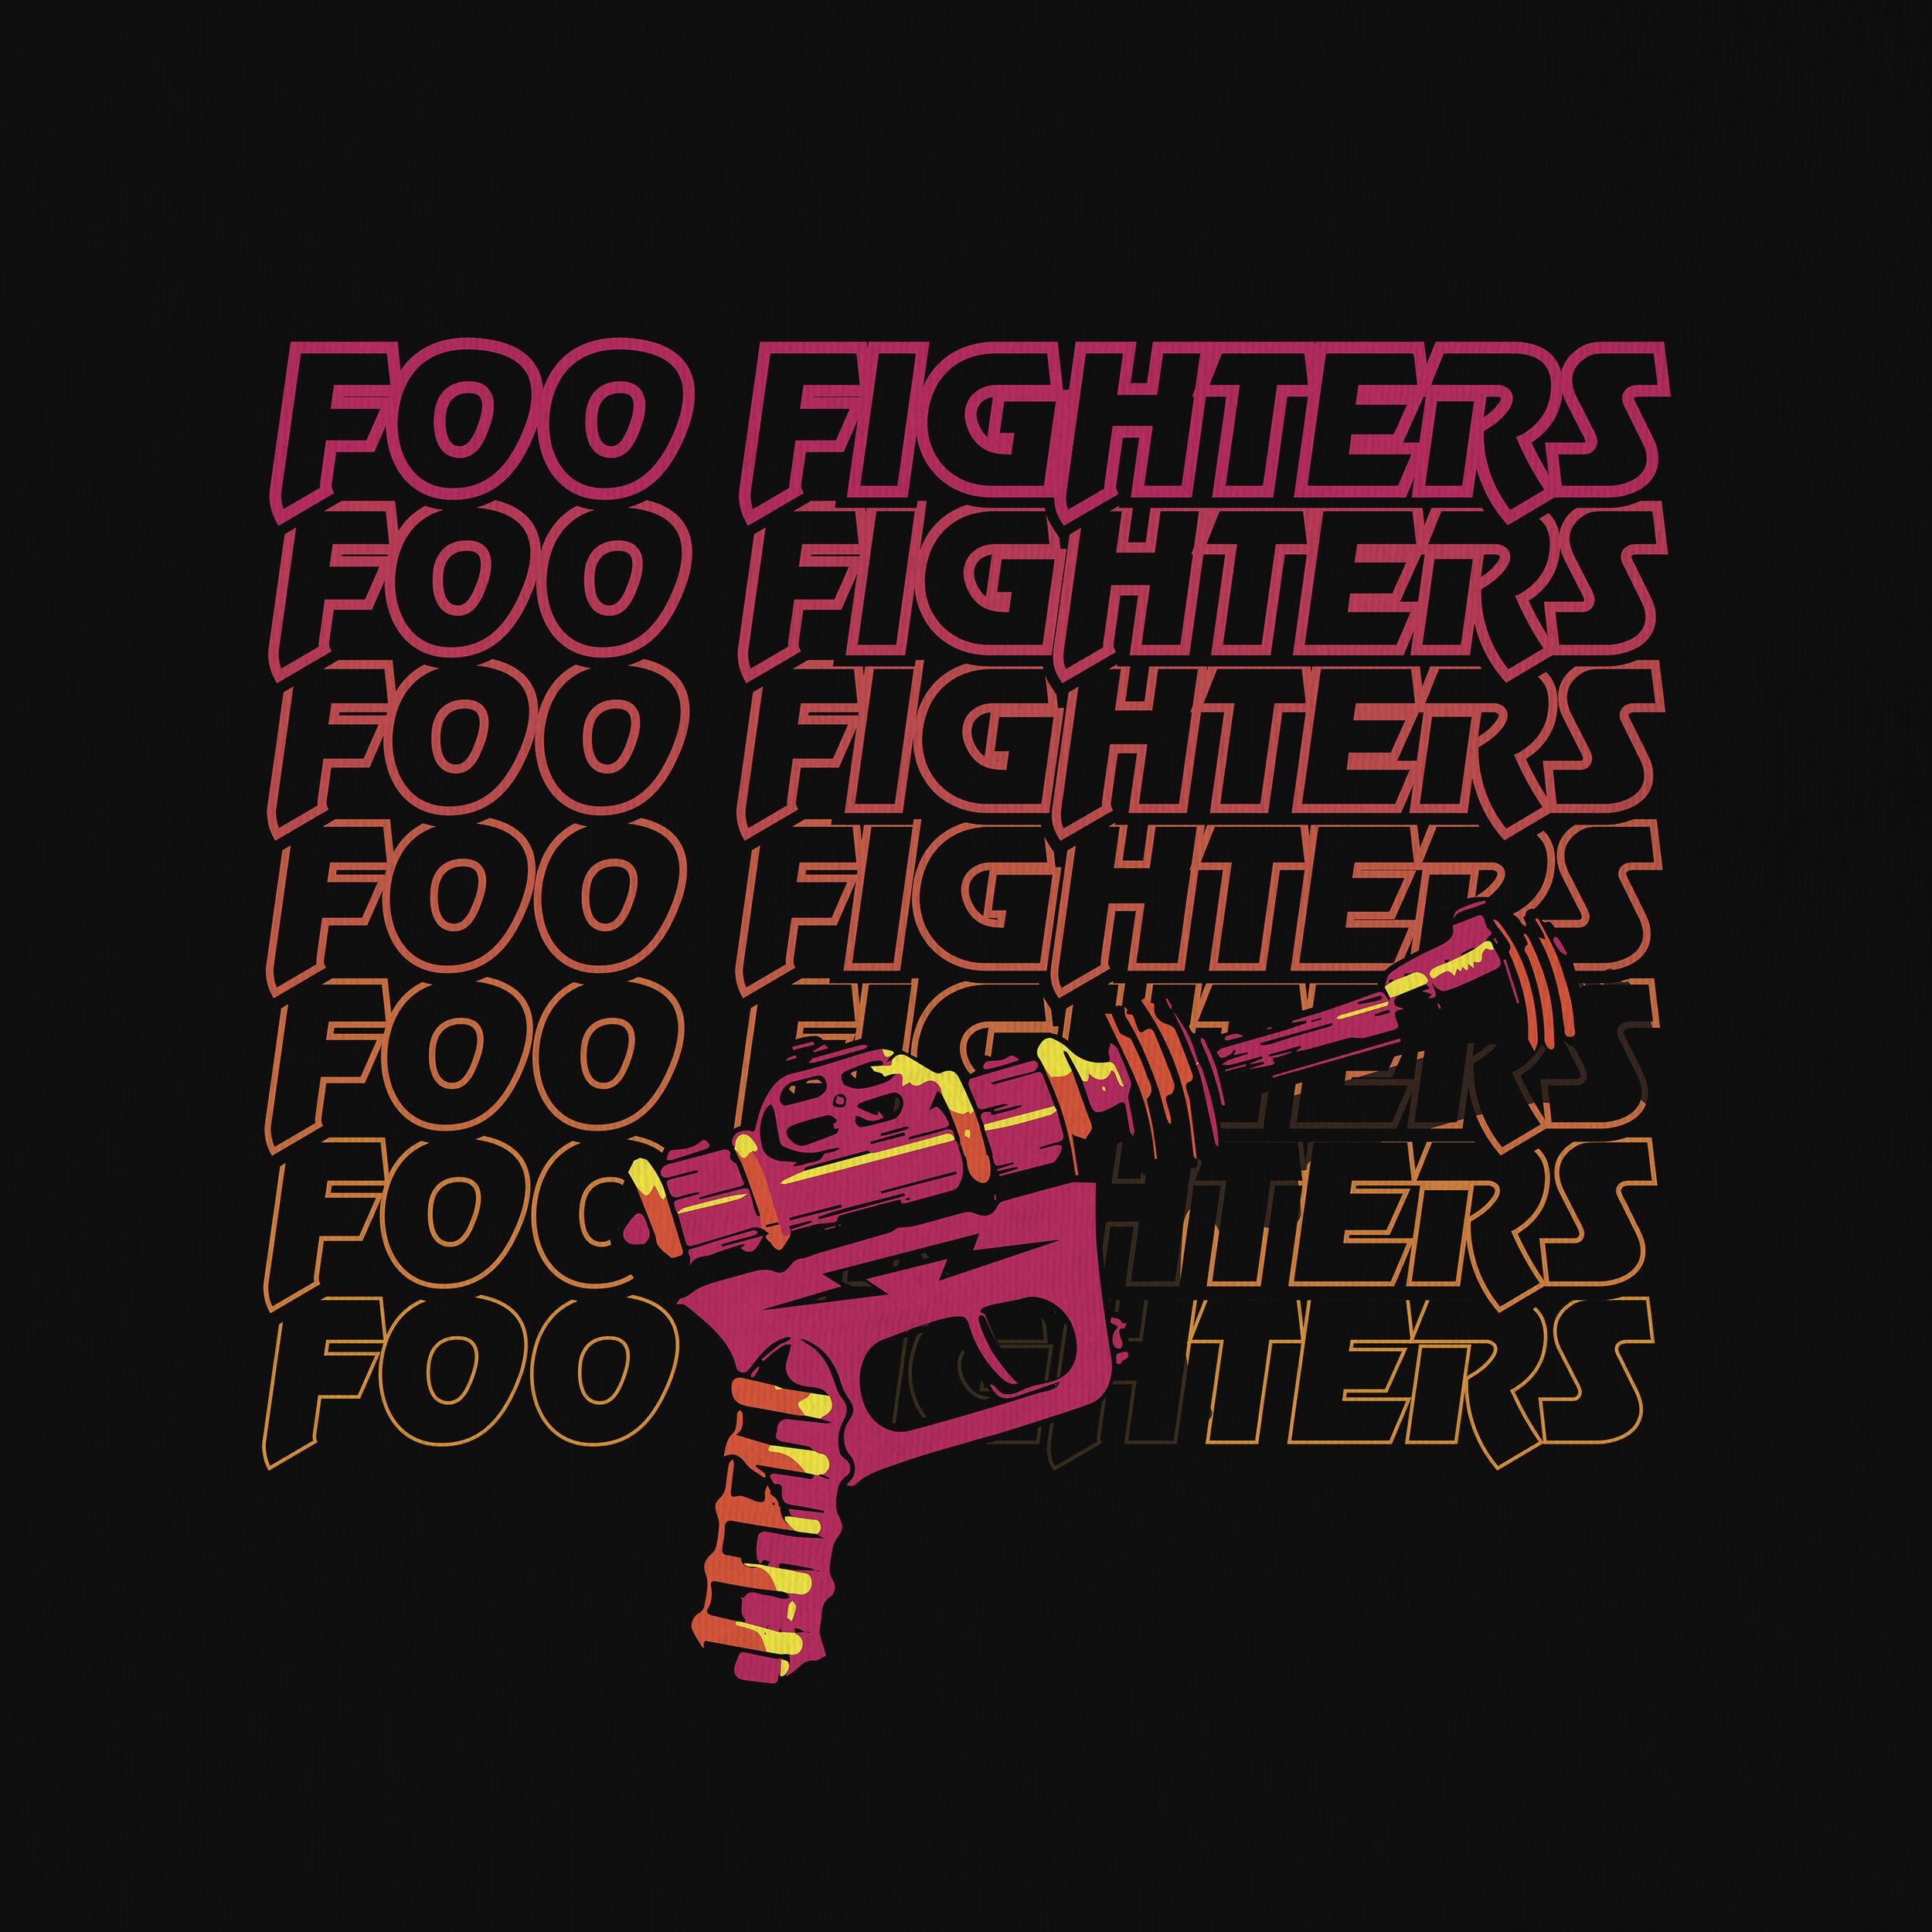 foo-fighters-raygun.jpg